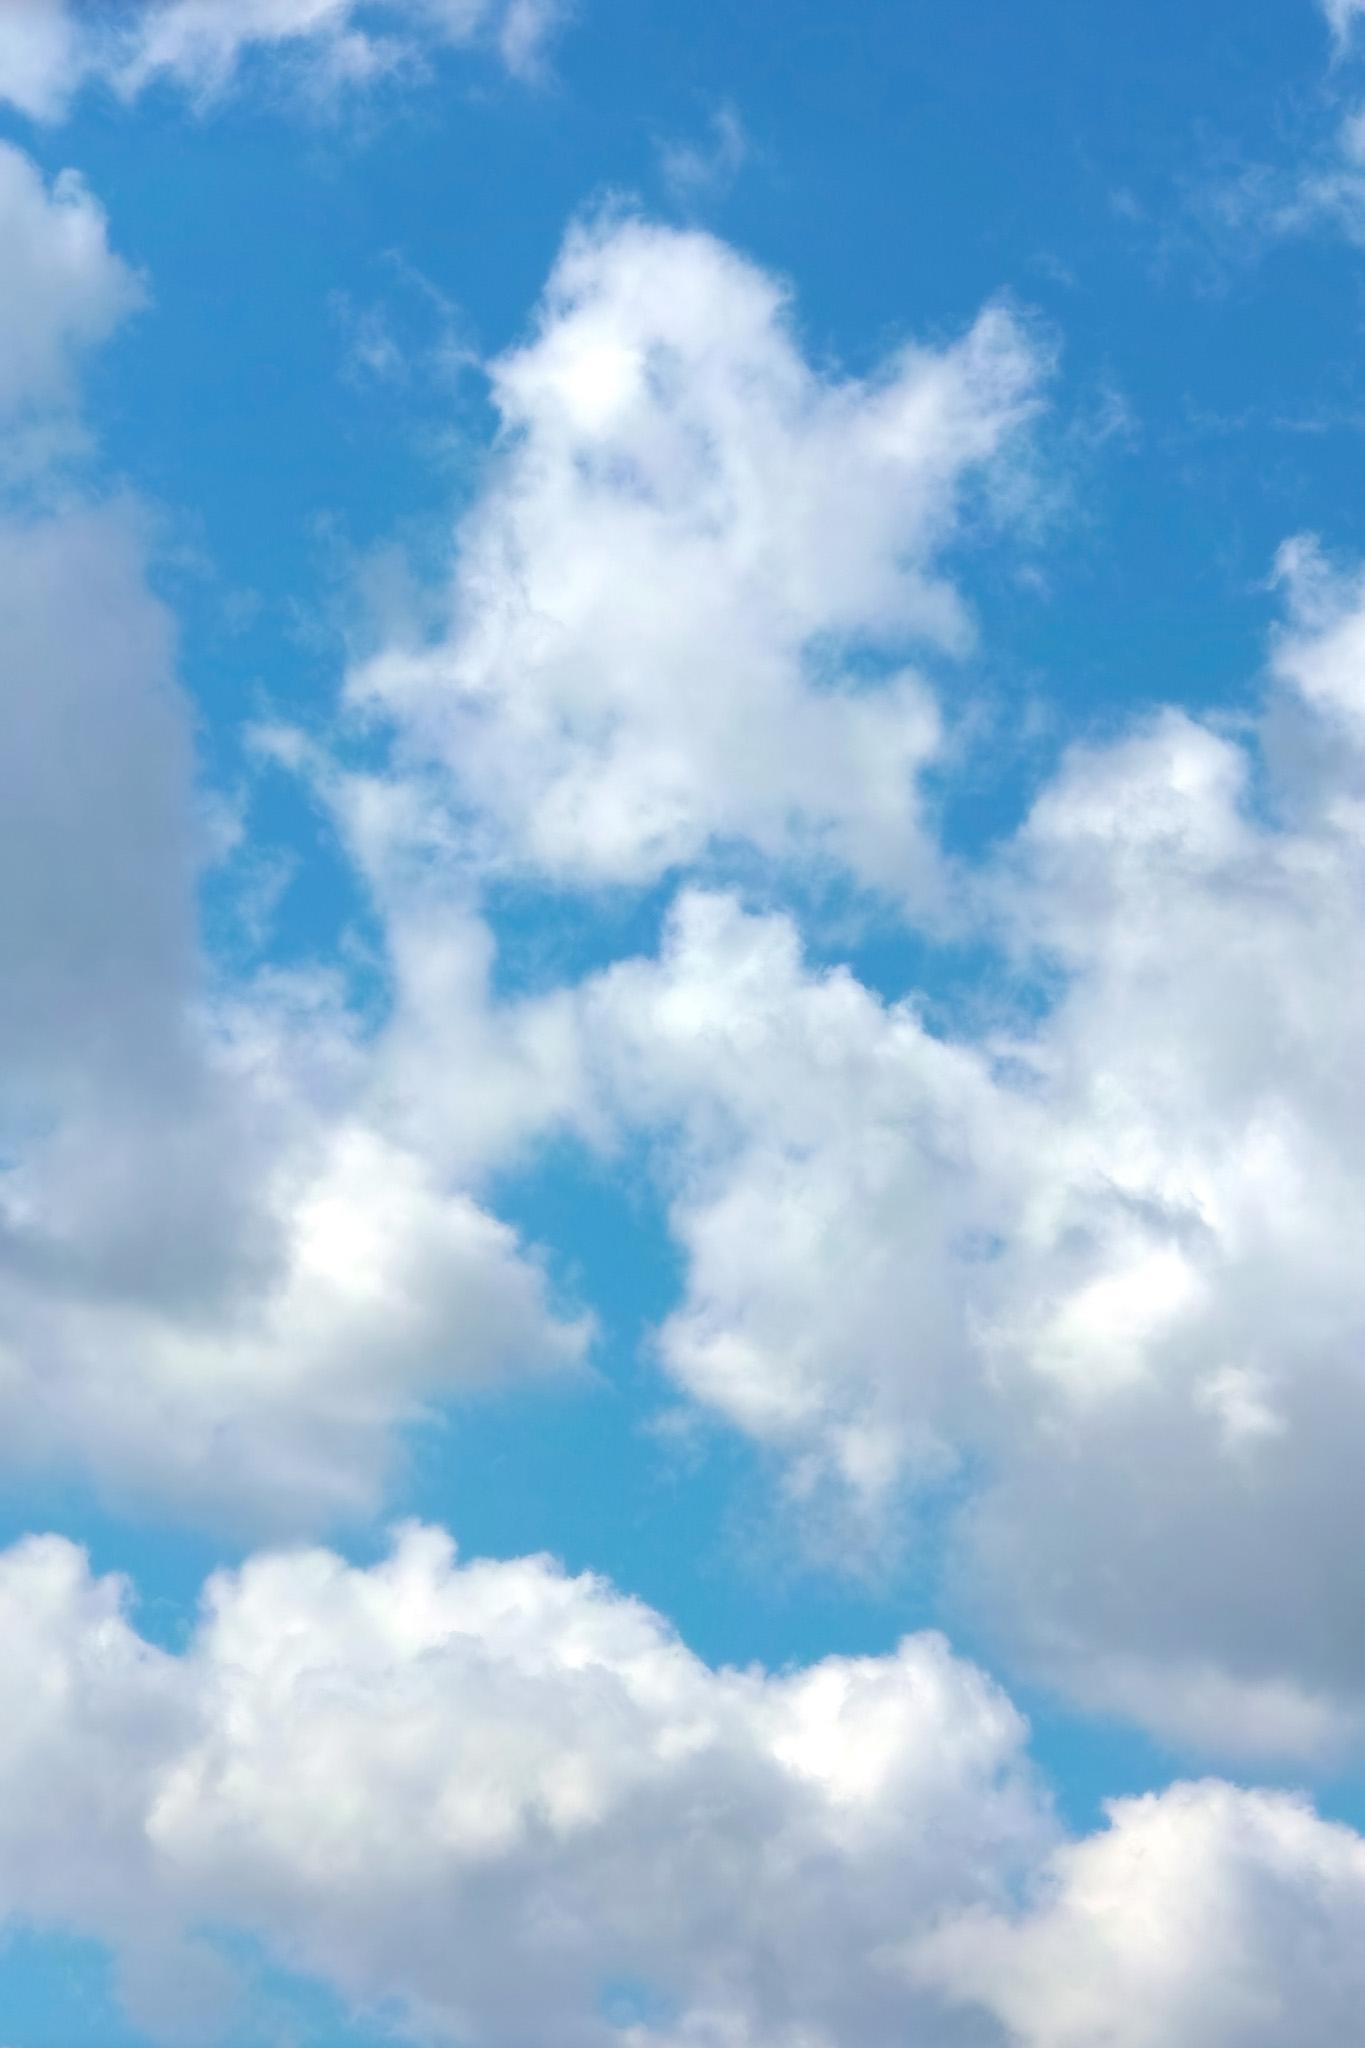 「雲が沸き立つ青空」の画像を無料ダウンロード